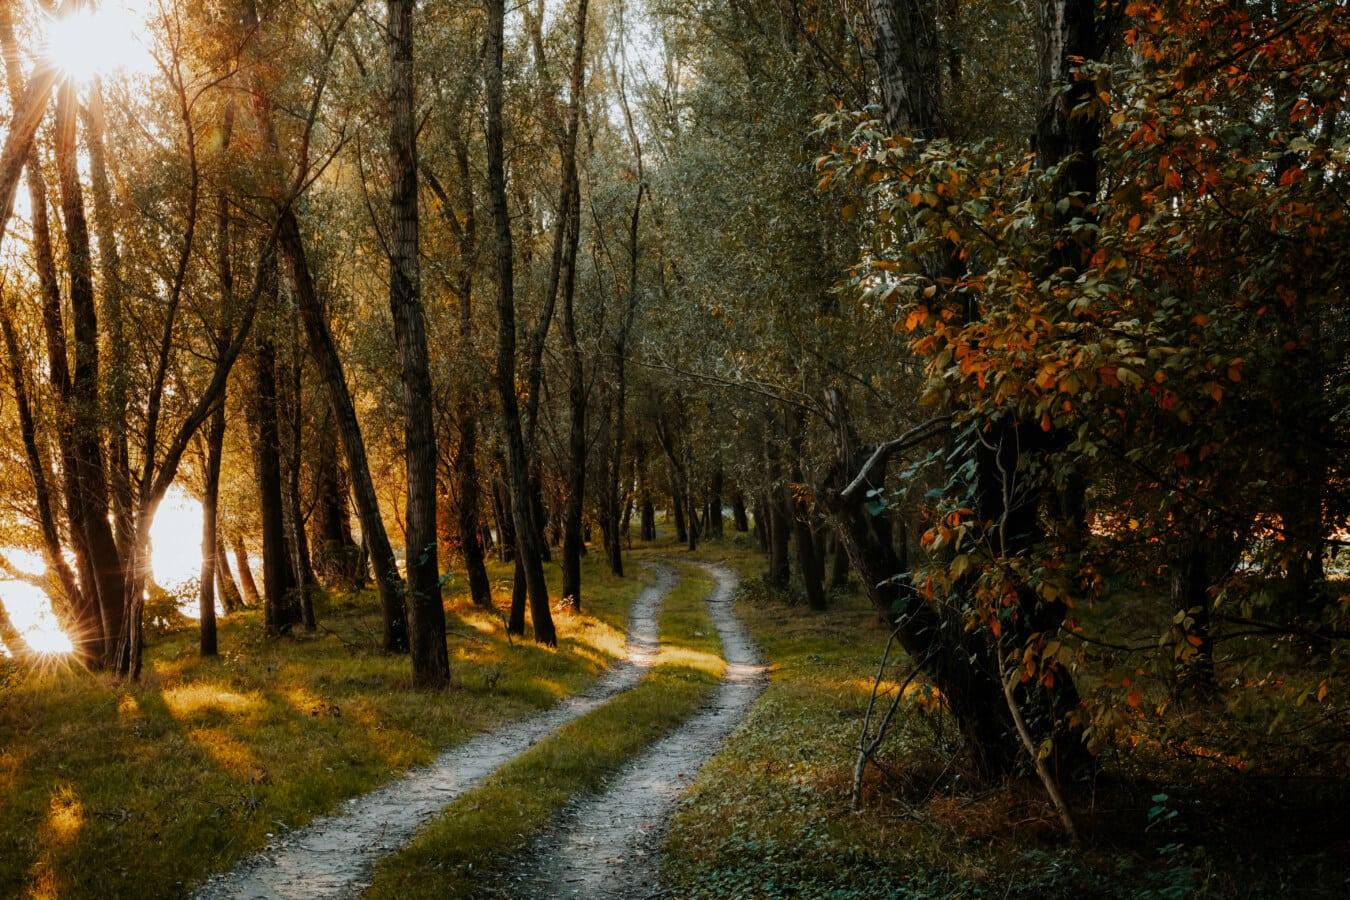 erdei út, napsütés, erdő, beszűrődik, fák, táj, fa, park, ősz, szezon